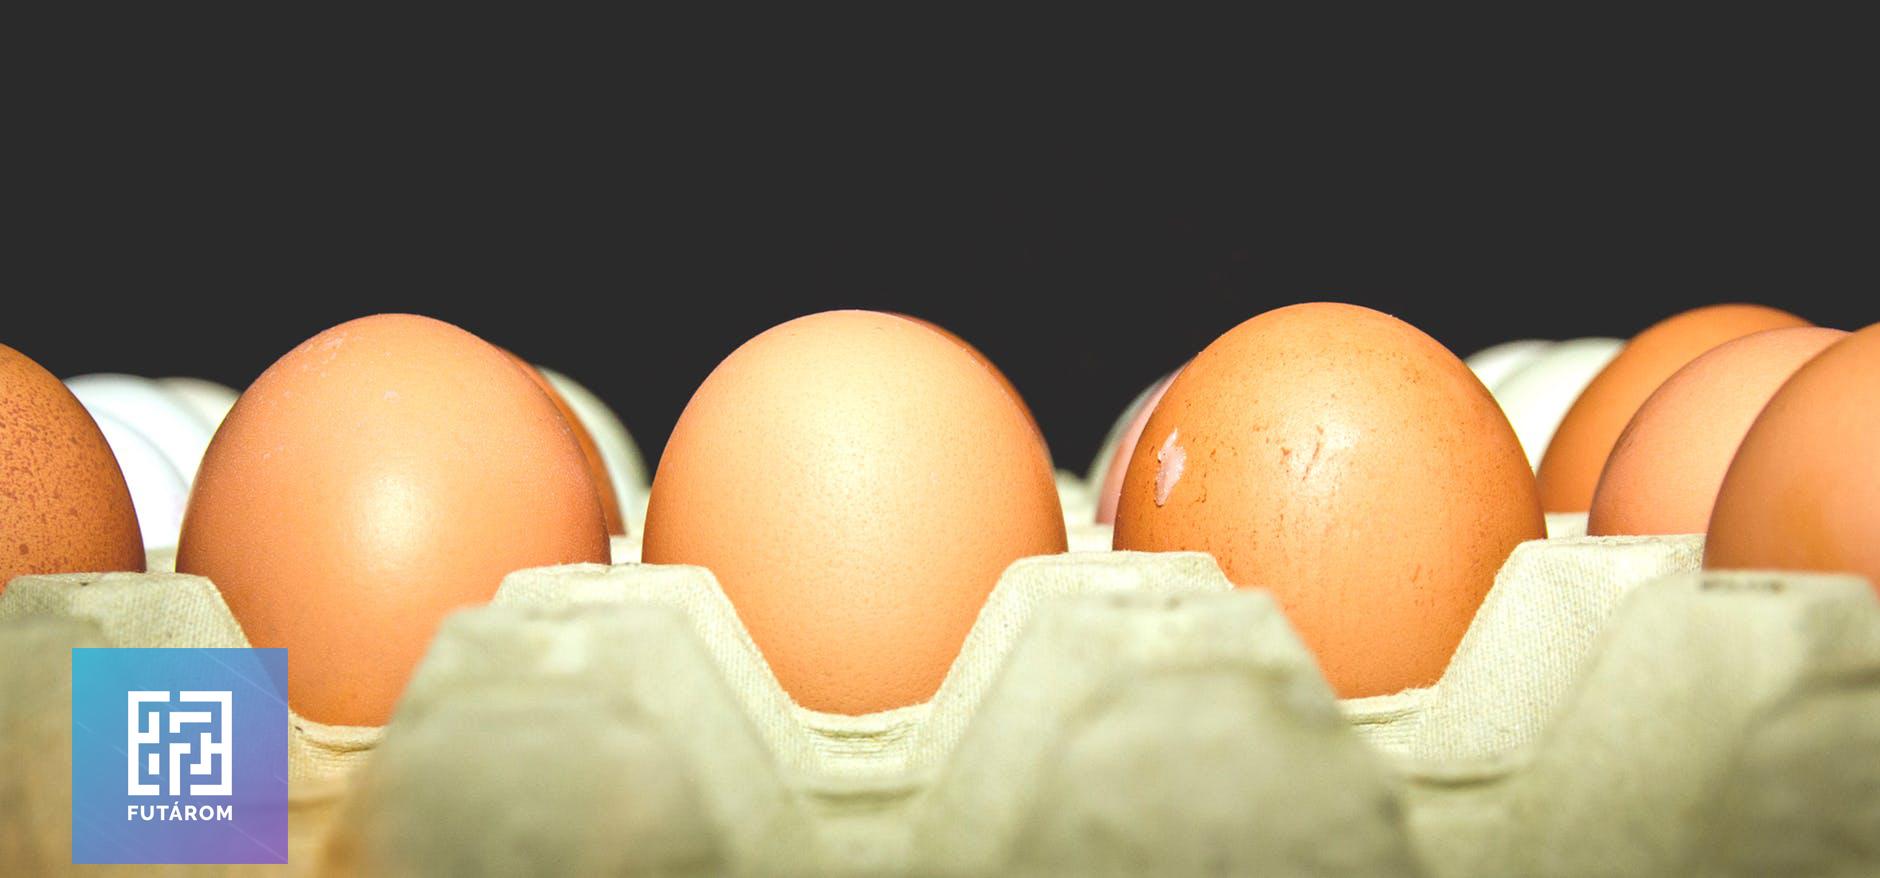 food-eggs-85080.jpg